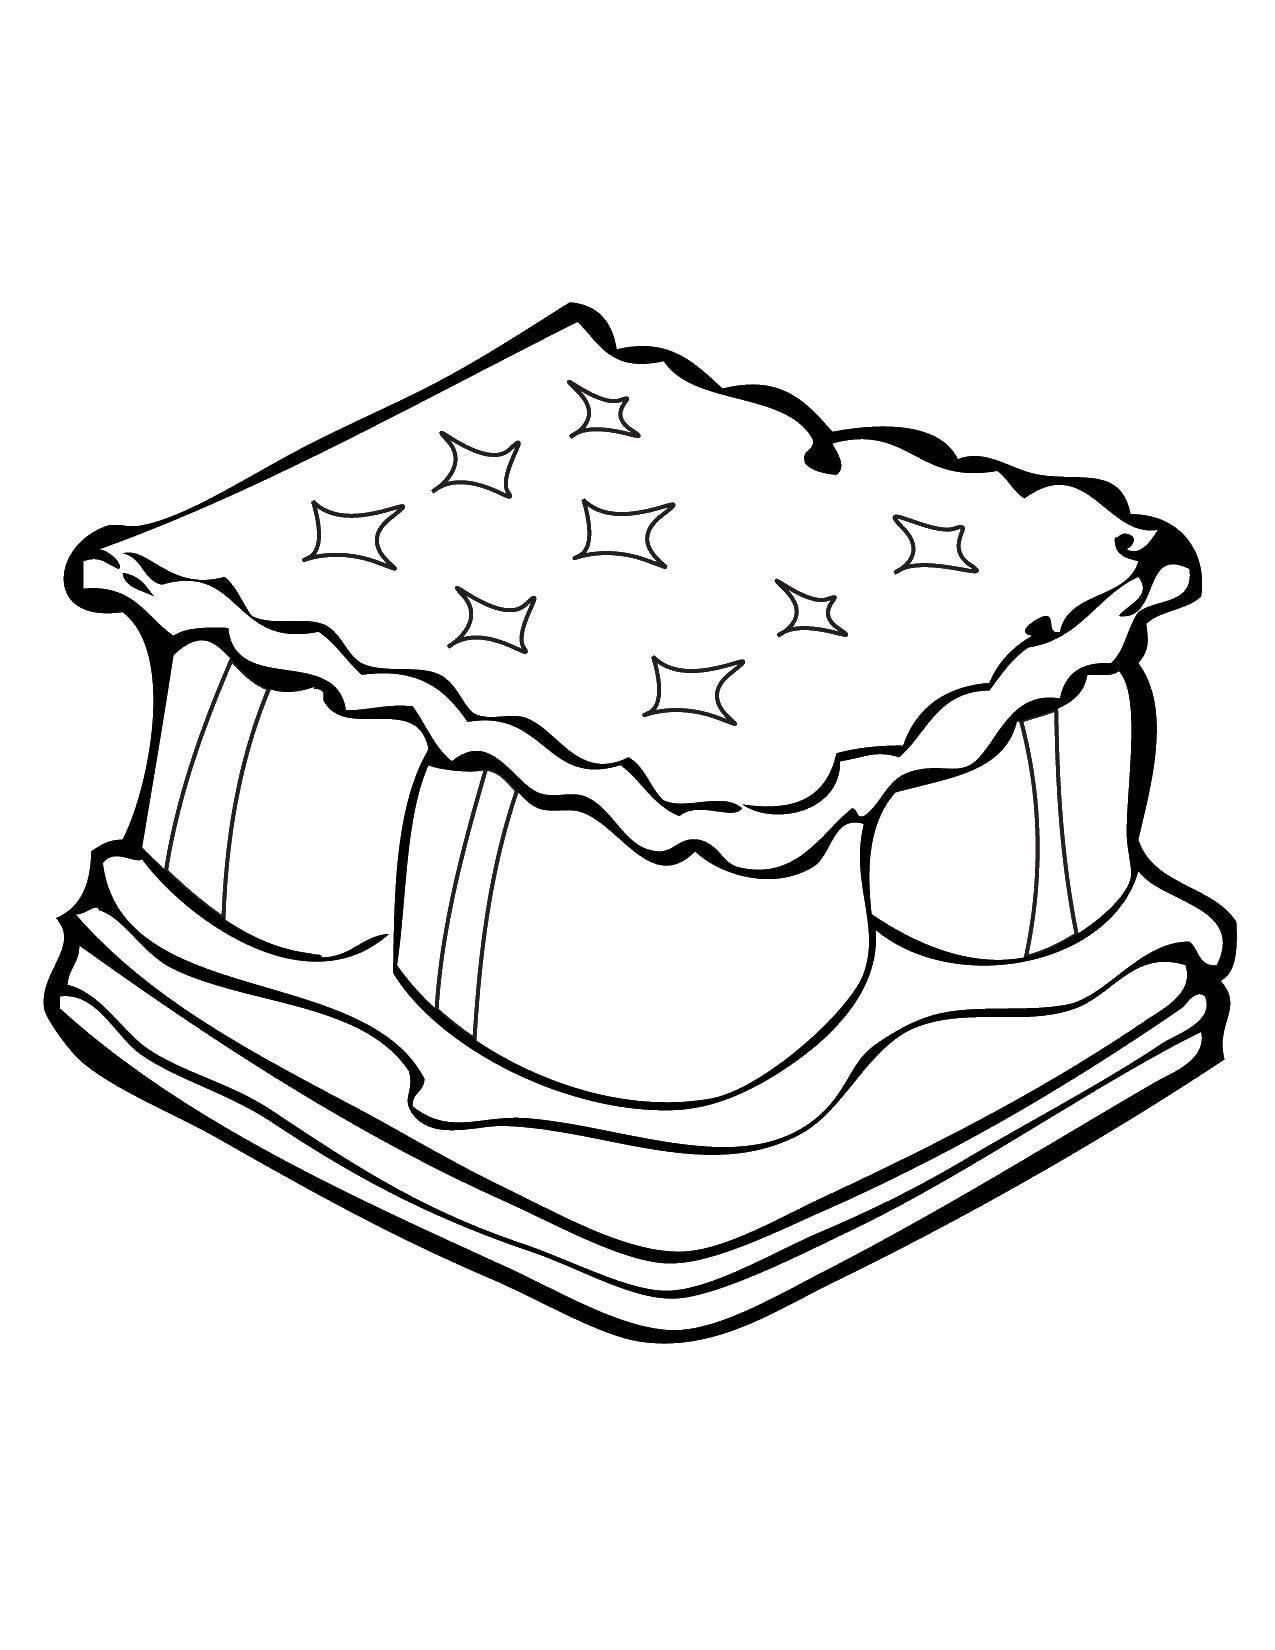 Раскраска пирожок для детей распечатать